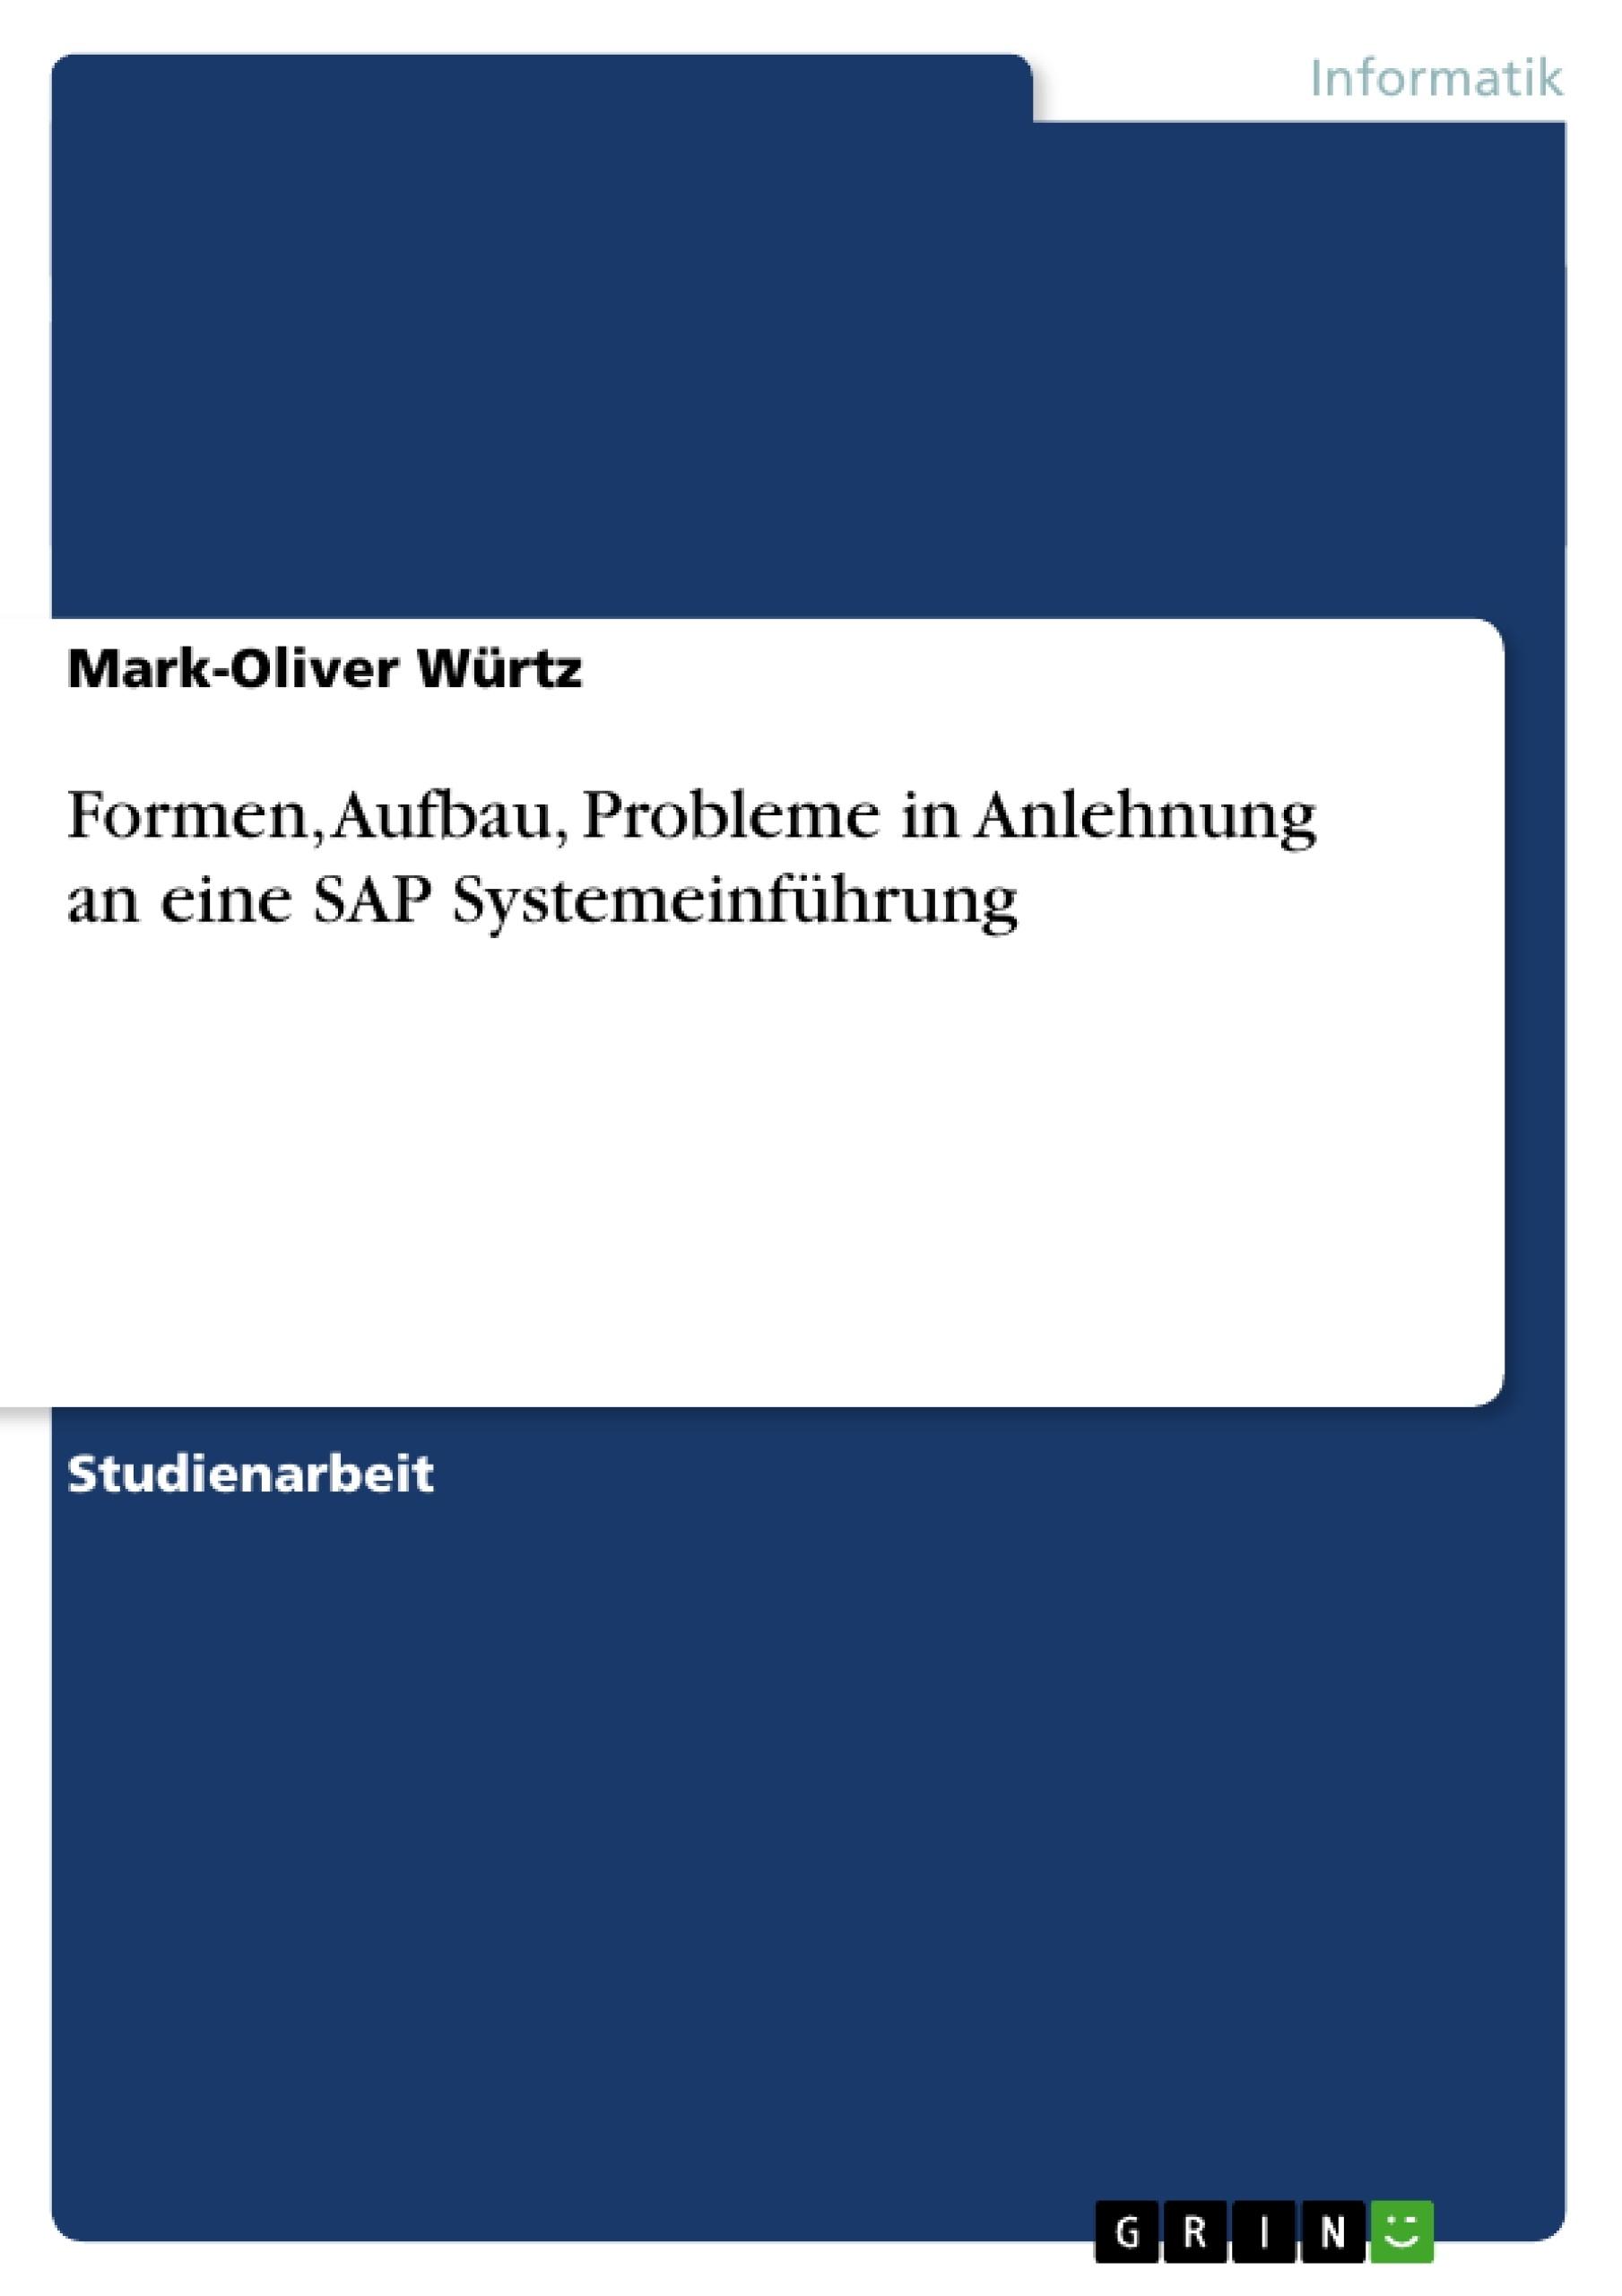 Titel: Formen, Aufbau, Probleme in Anlehnung an eine SAP Systemeinführung